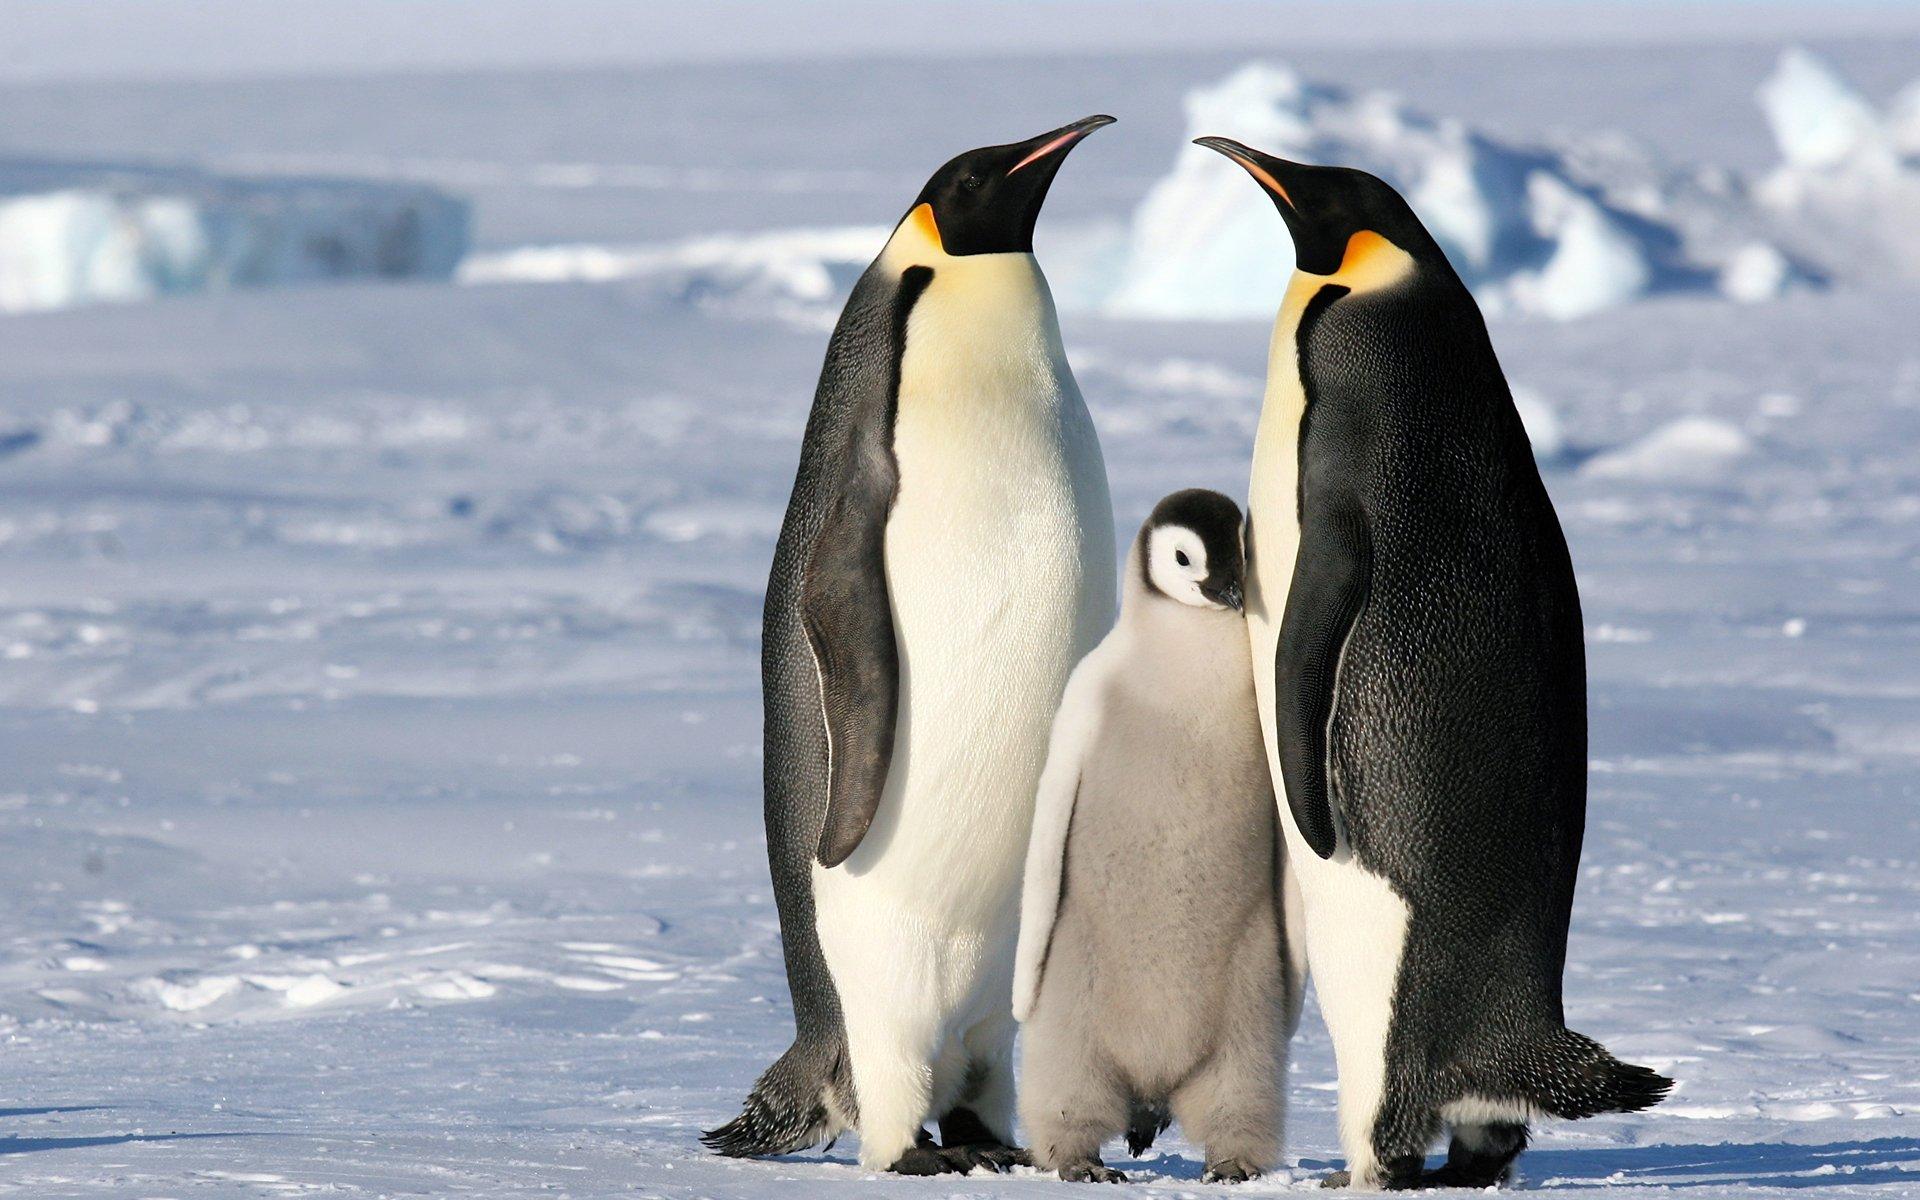 картинки антарктического пингвина чтобы фотографии был